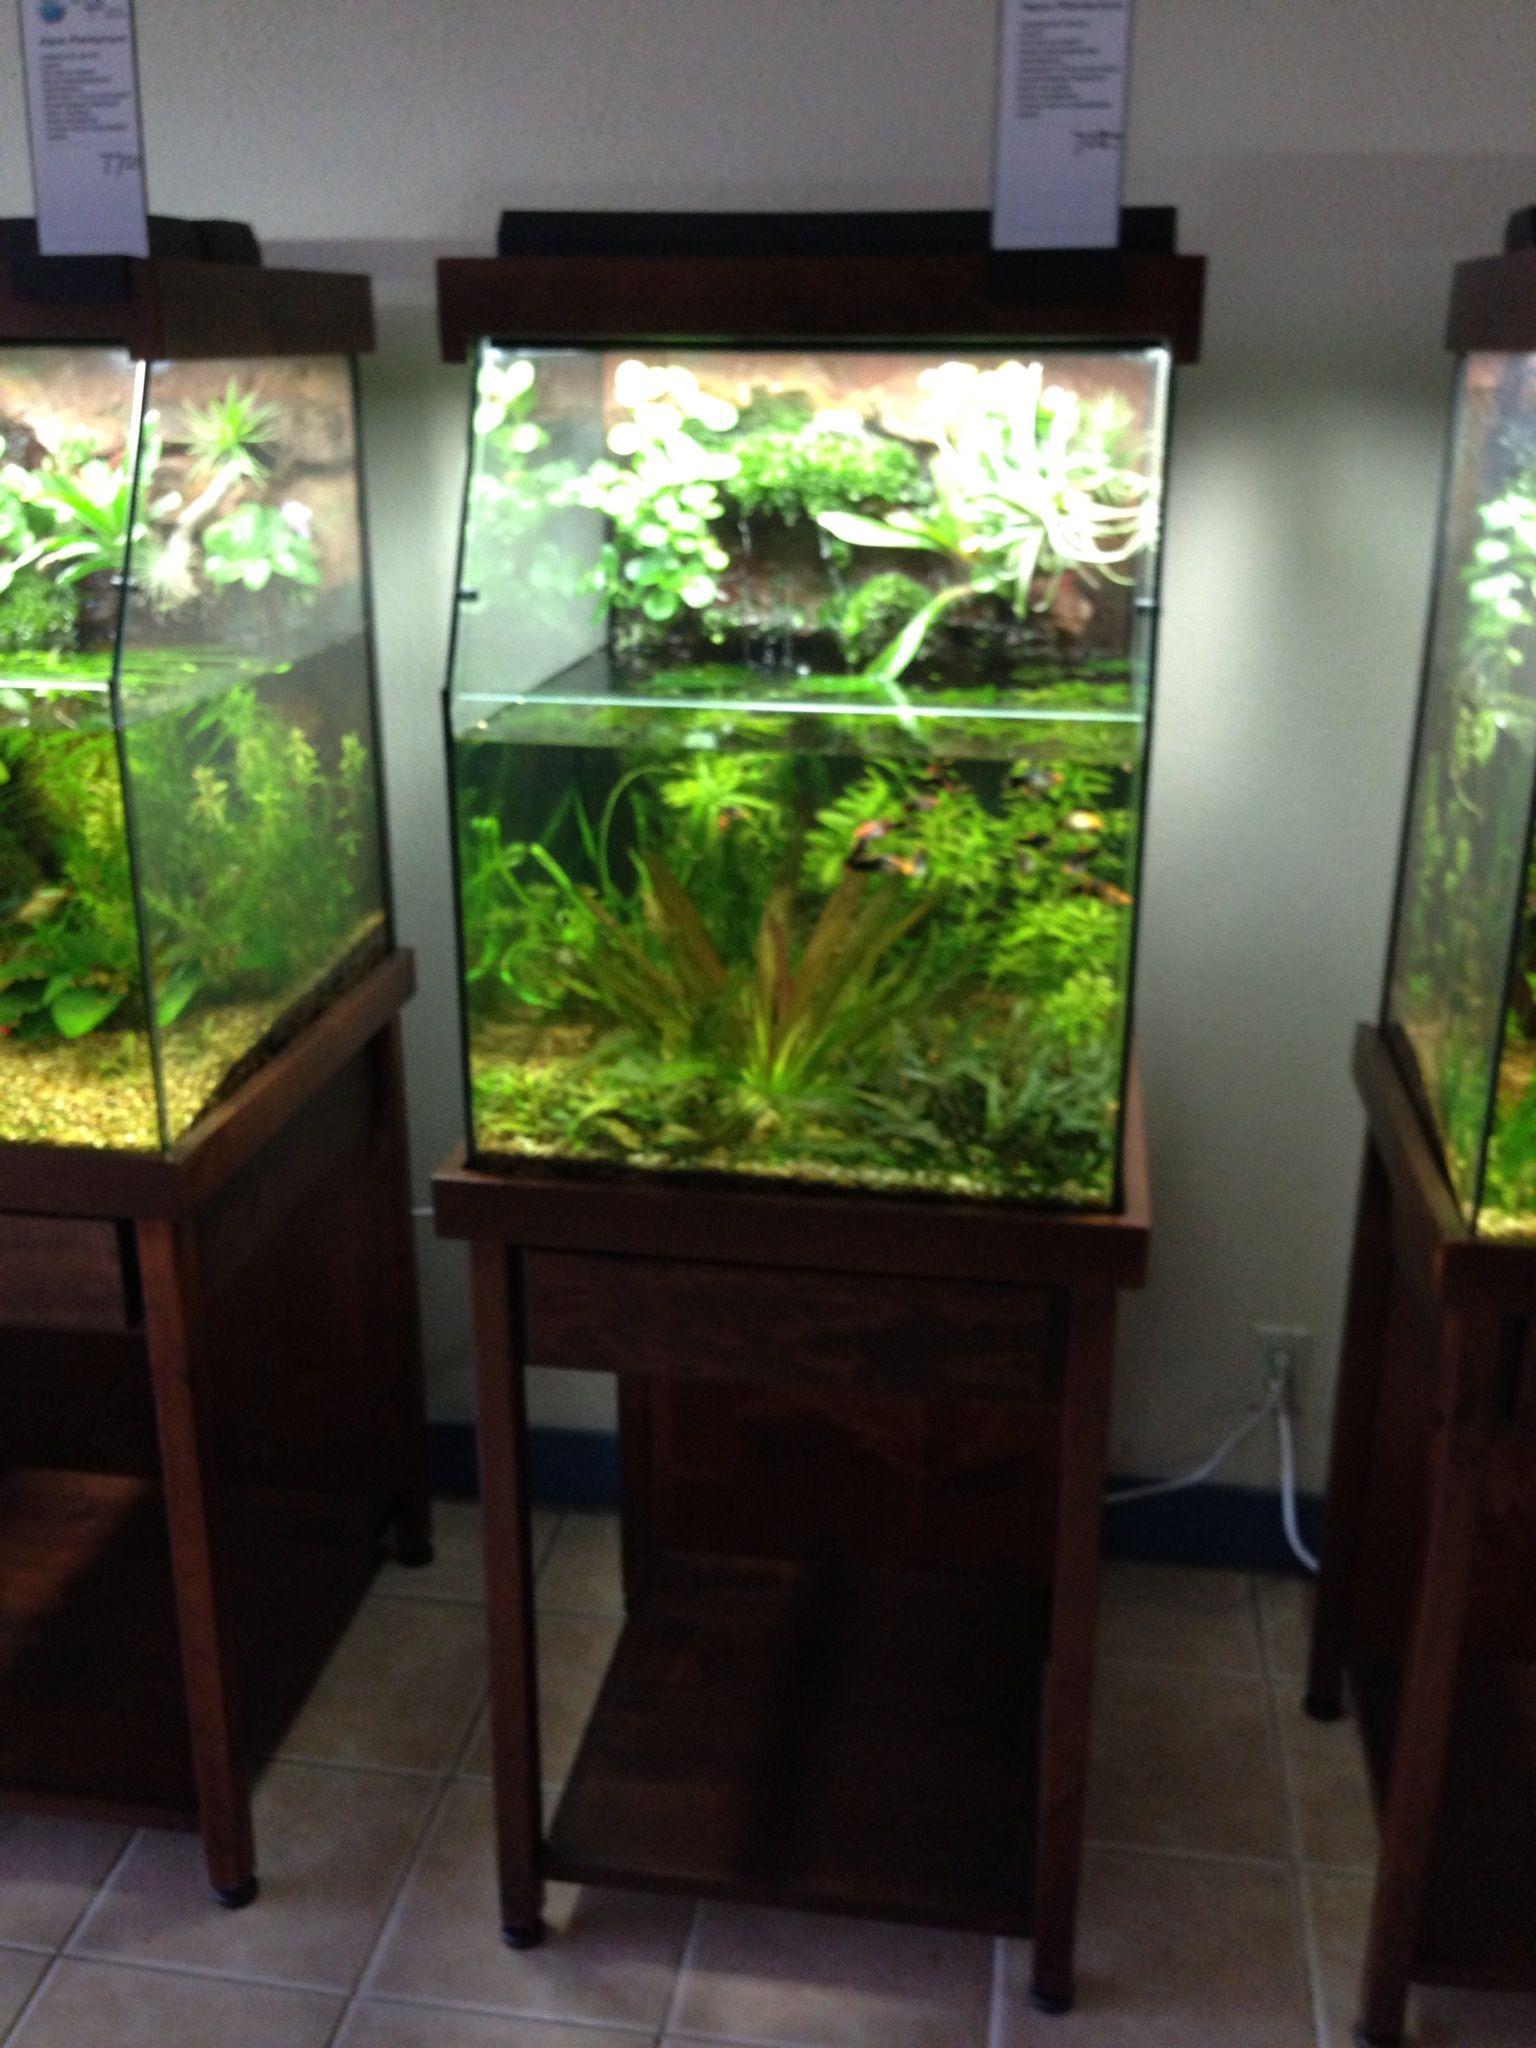 AquaPlantarium Cube & AquaPlantarium Cube | AquaPlantarium by DAS | Pinterest ... Pezcame.Com